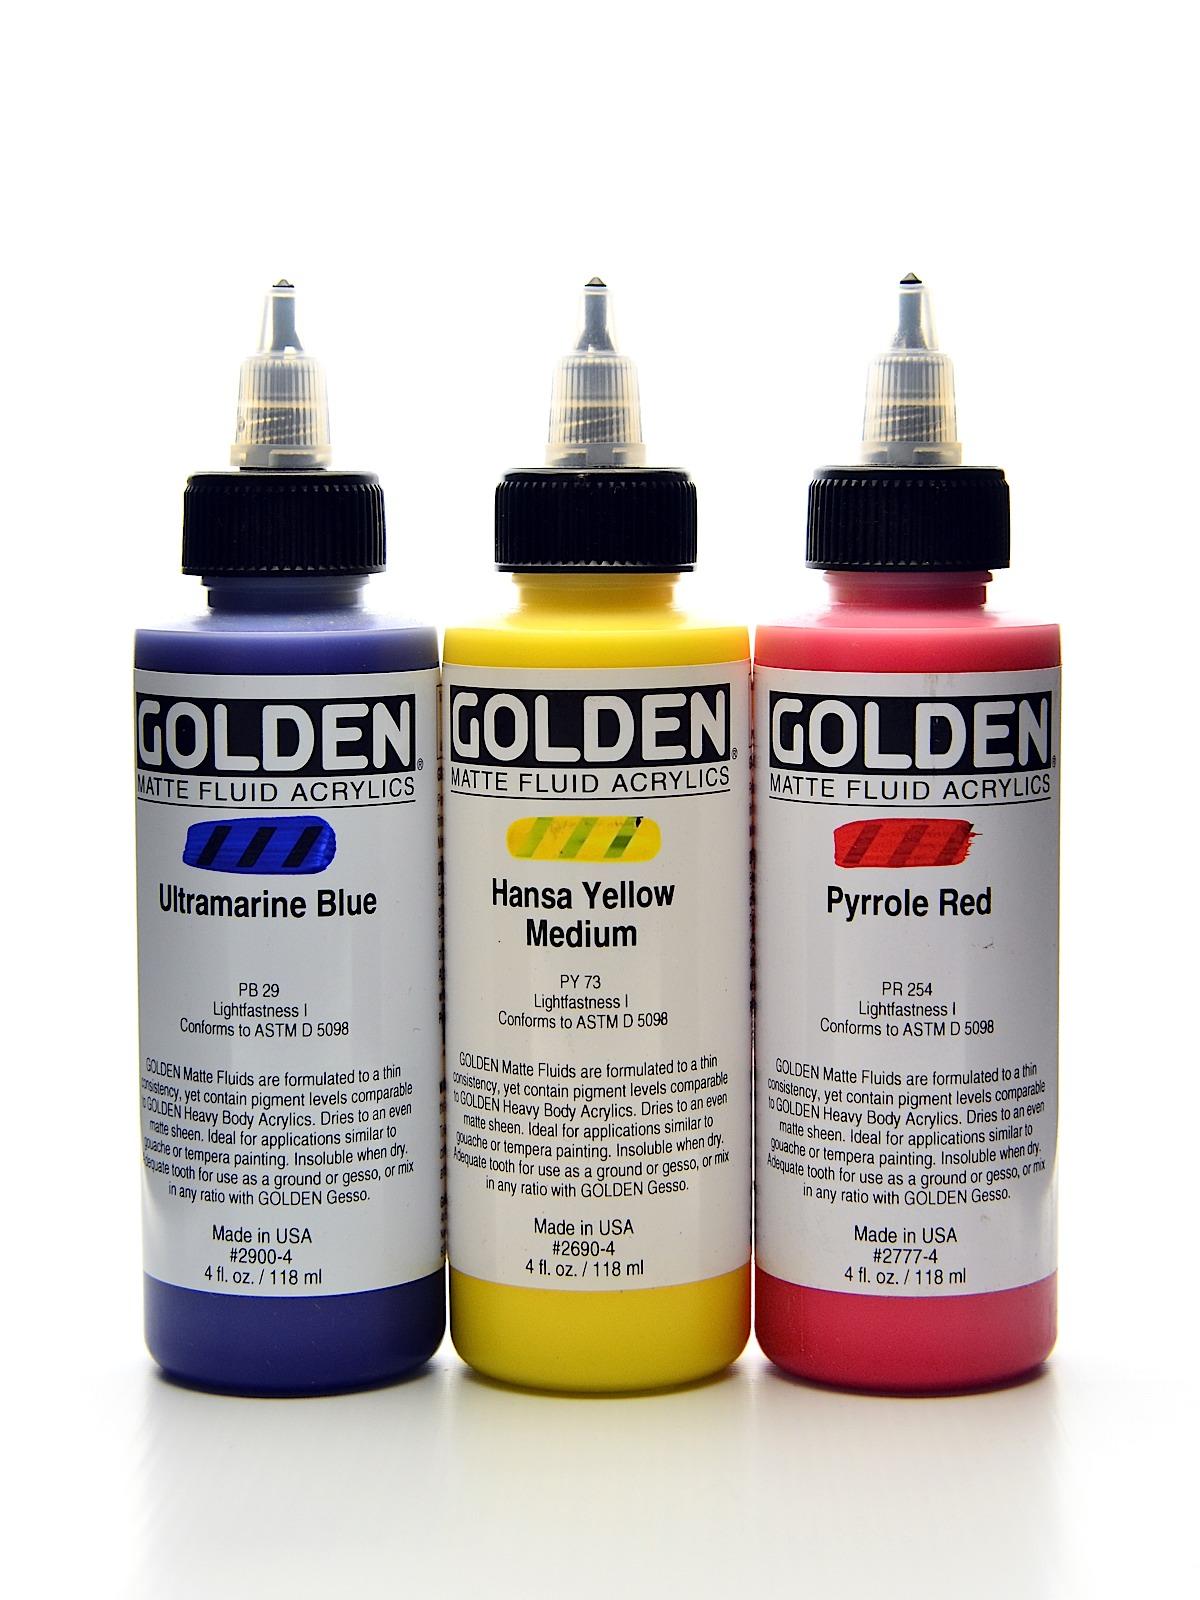 Golden Matte Fluid Acrylics Misterart Com